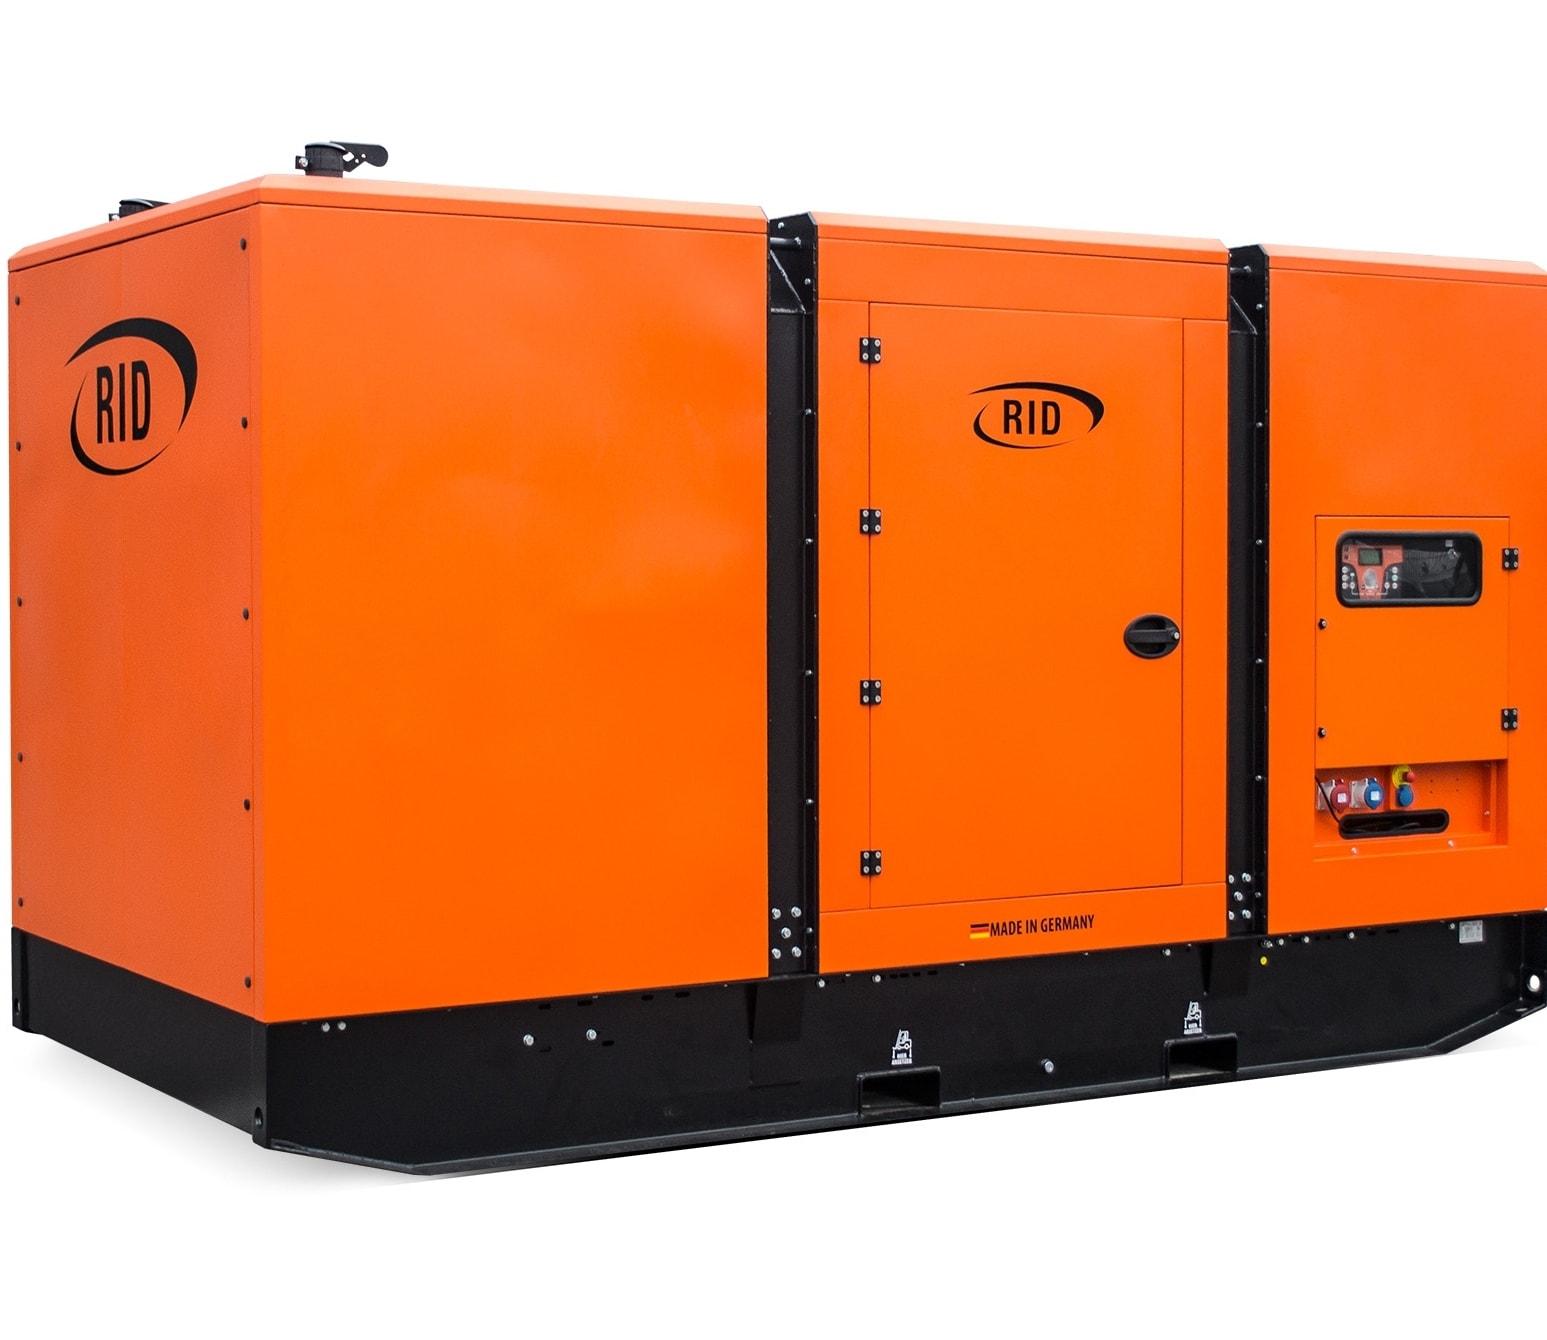 дизельная электростанция rid 400 b-series s